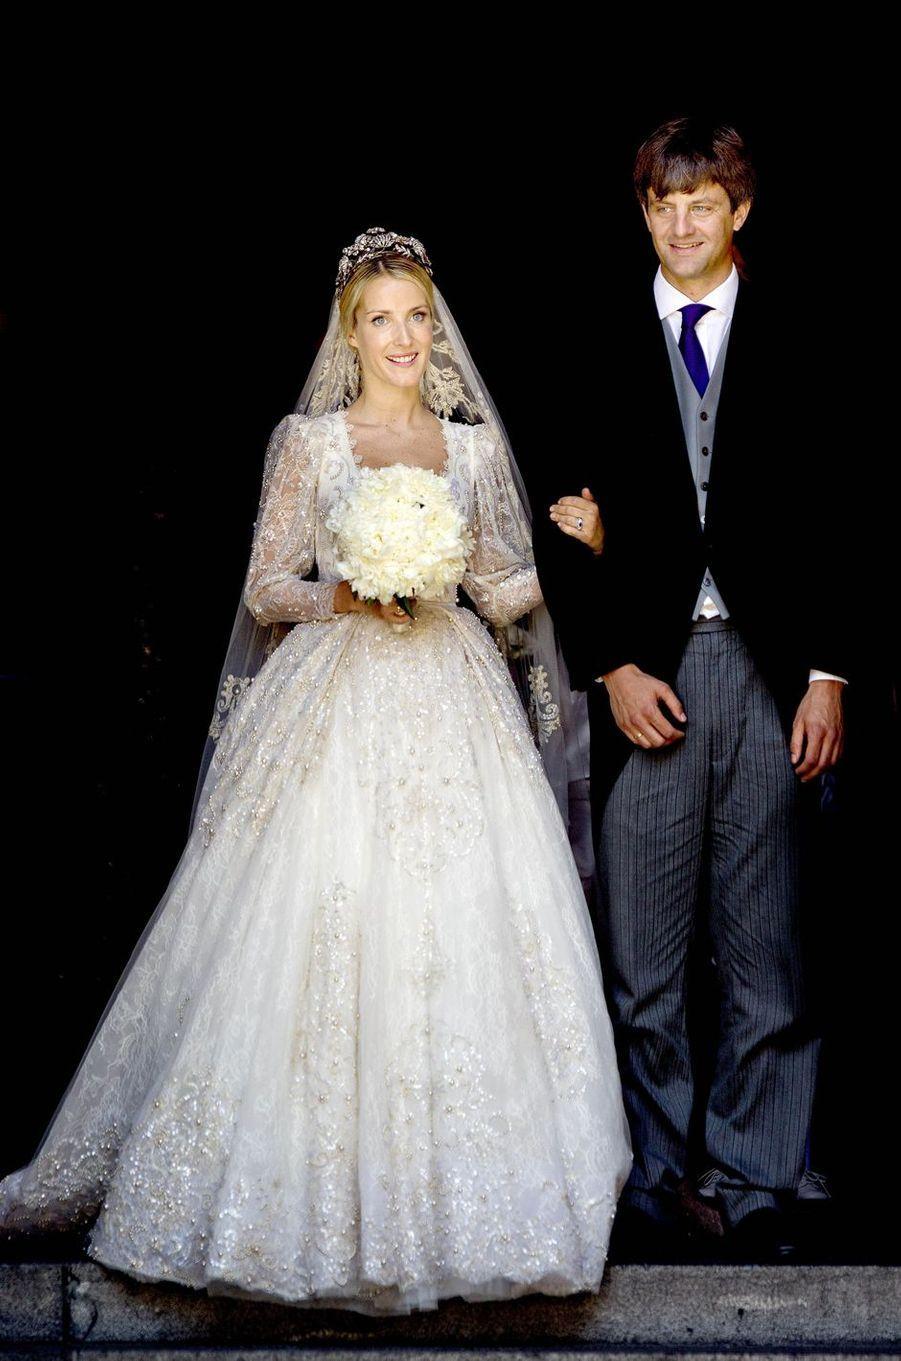 Le prince Ernst-August de Hanovre et Ekaterina Malysheva, le jour de leur mariage, le 8 juillet 2017 à Hanovre